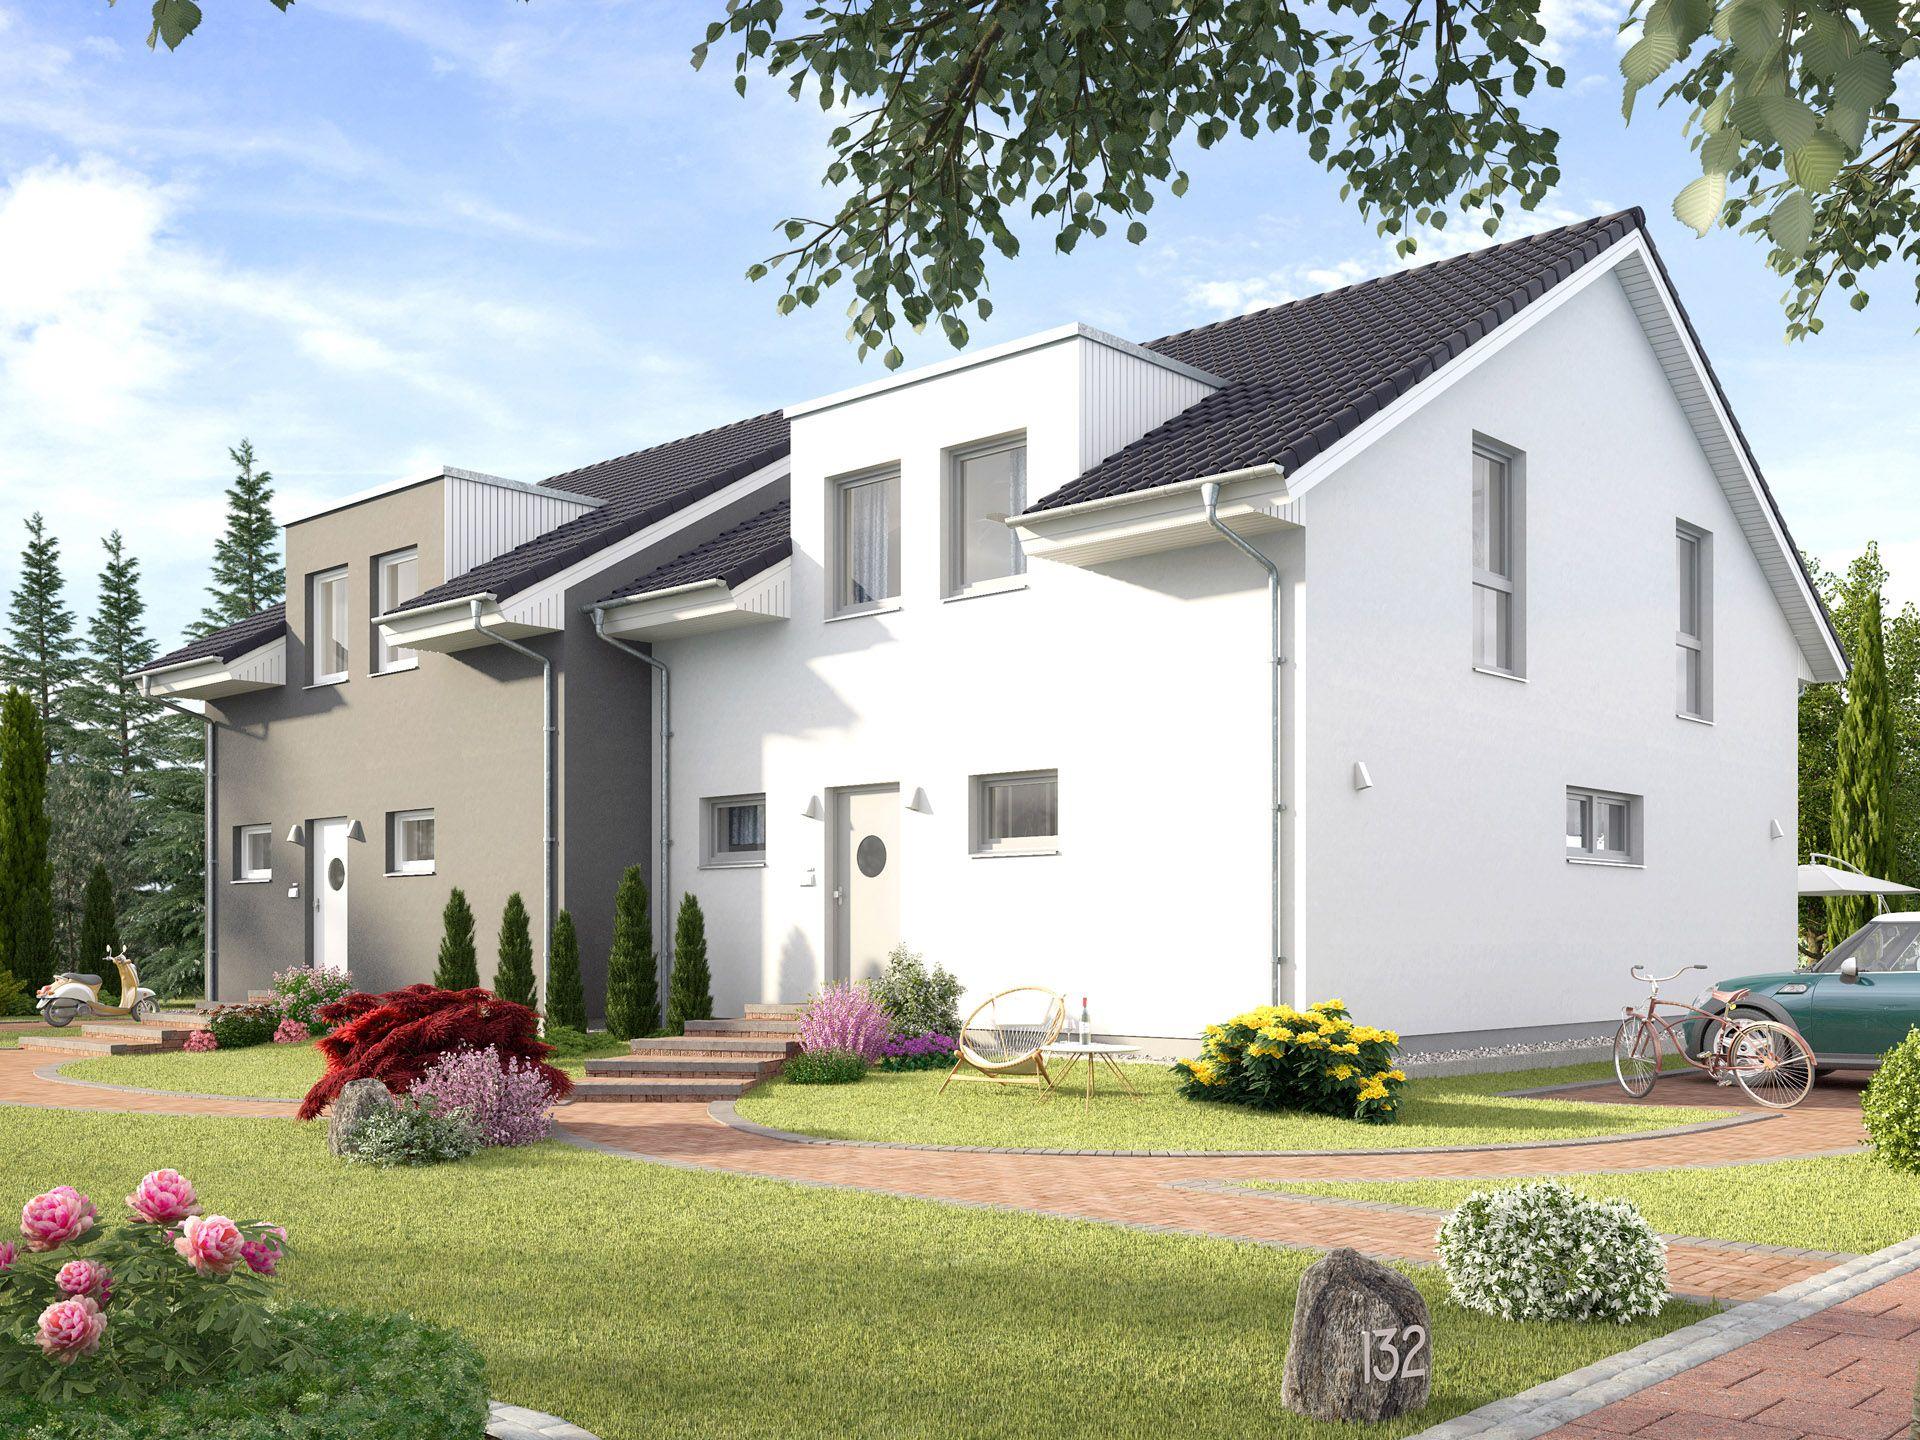 Generationshaus progeneration 132 • doppelhaus von prohaus • fertighaus mit zwei gleich großen wohneinheiten und geteilten